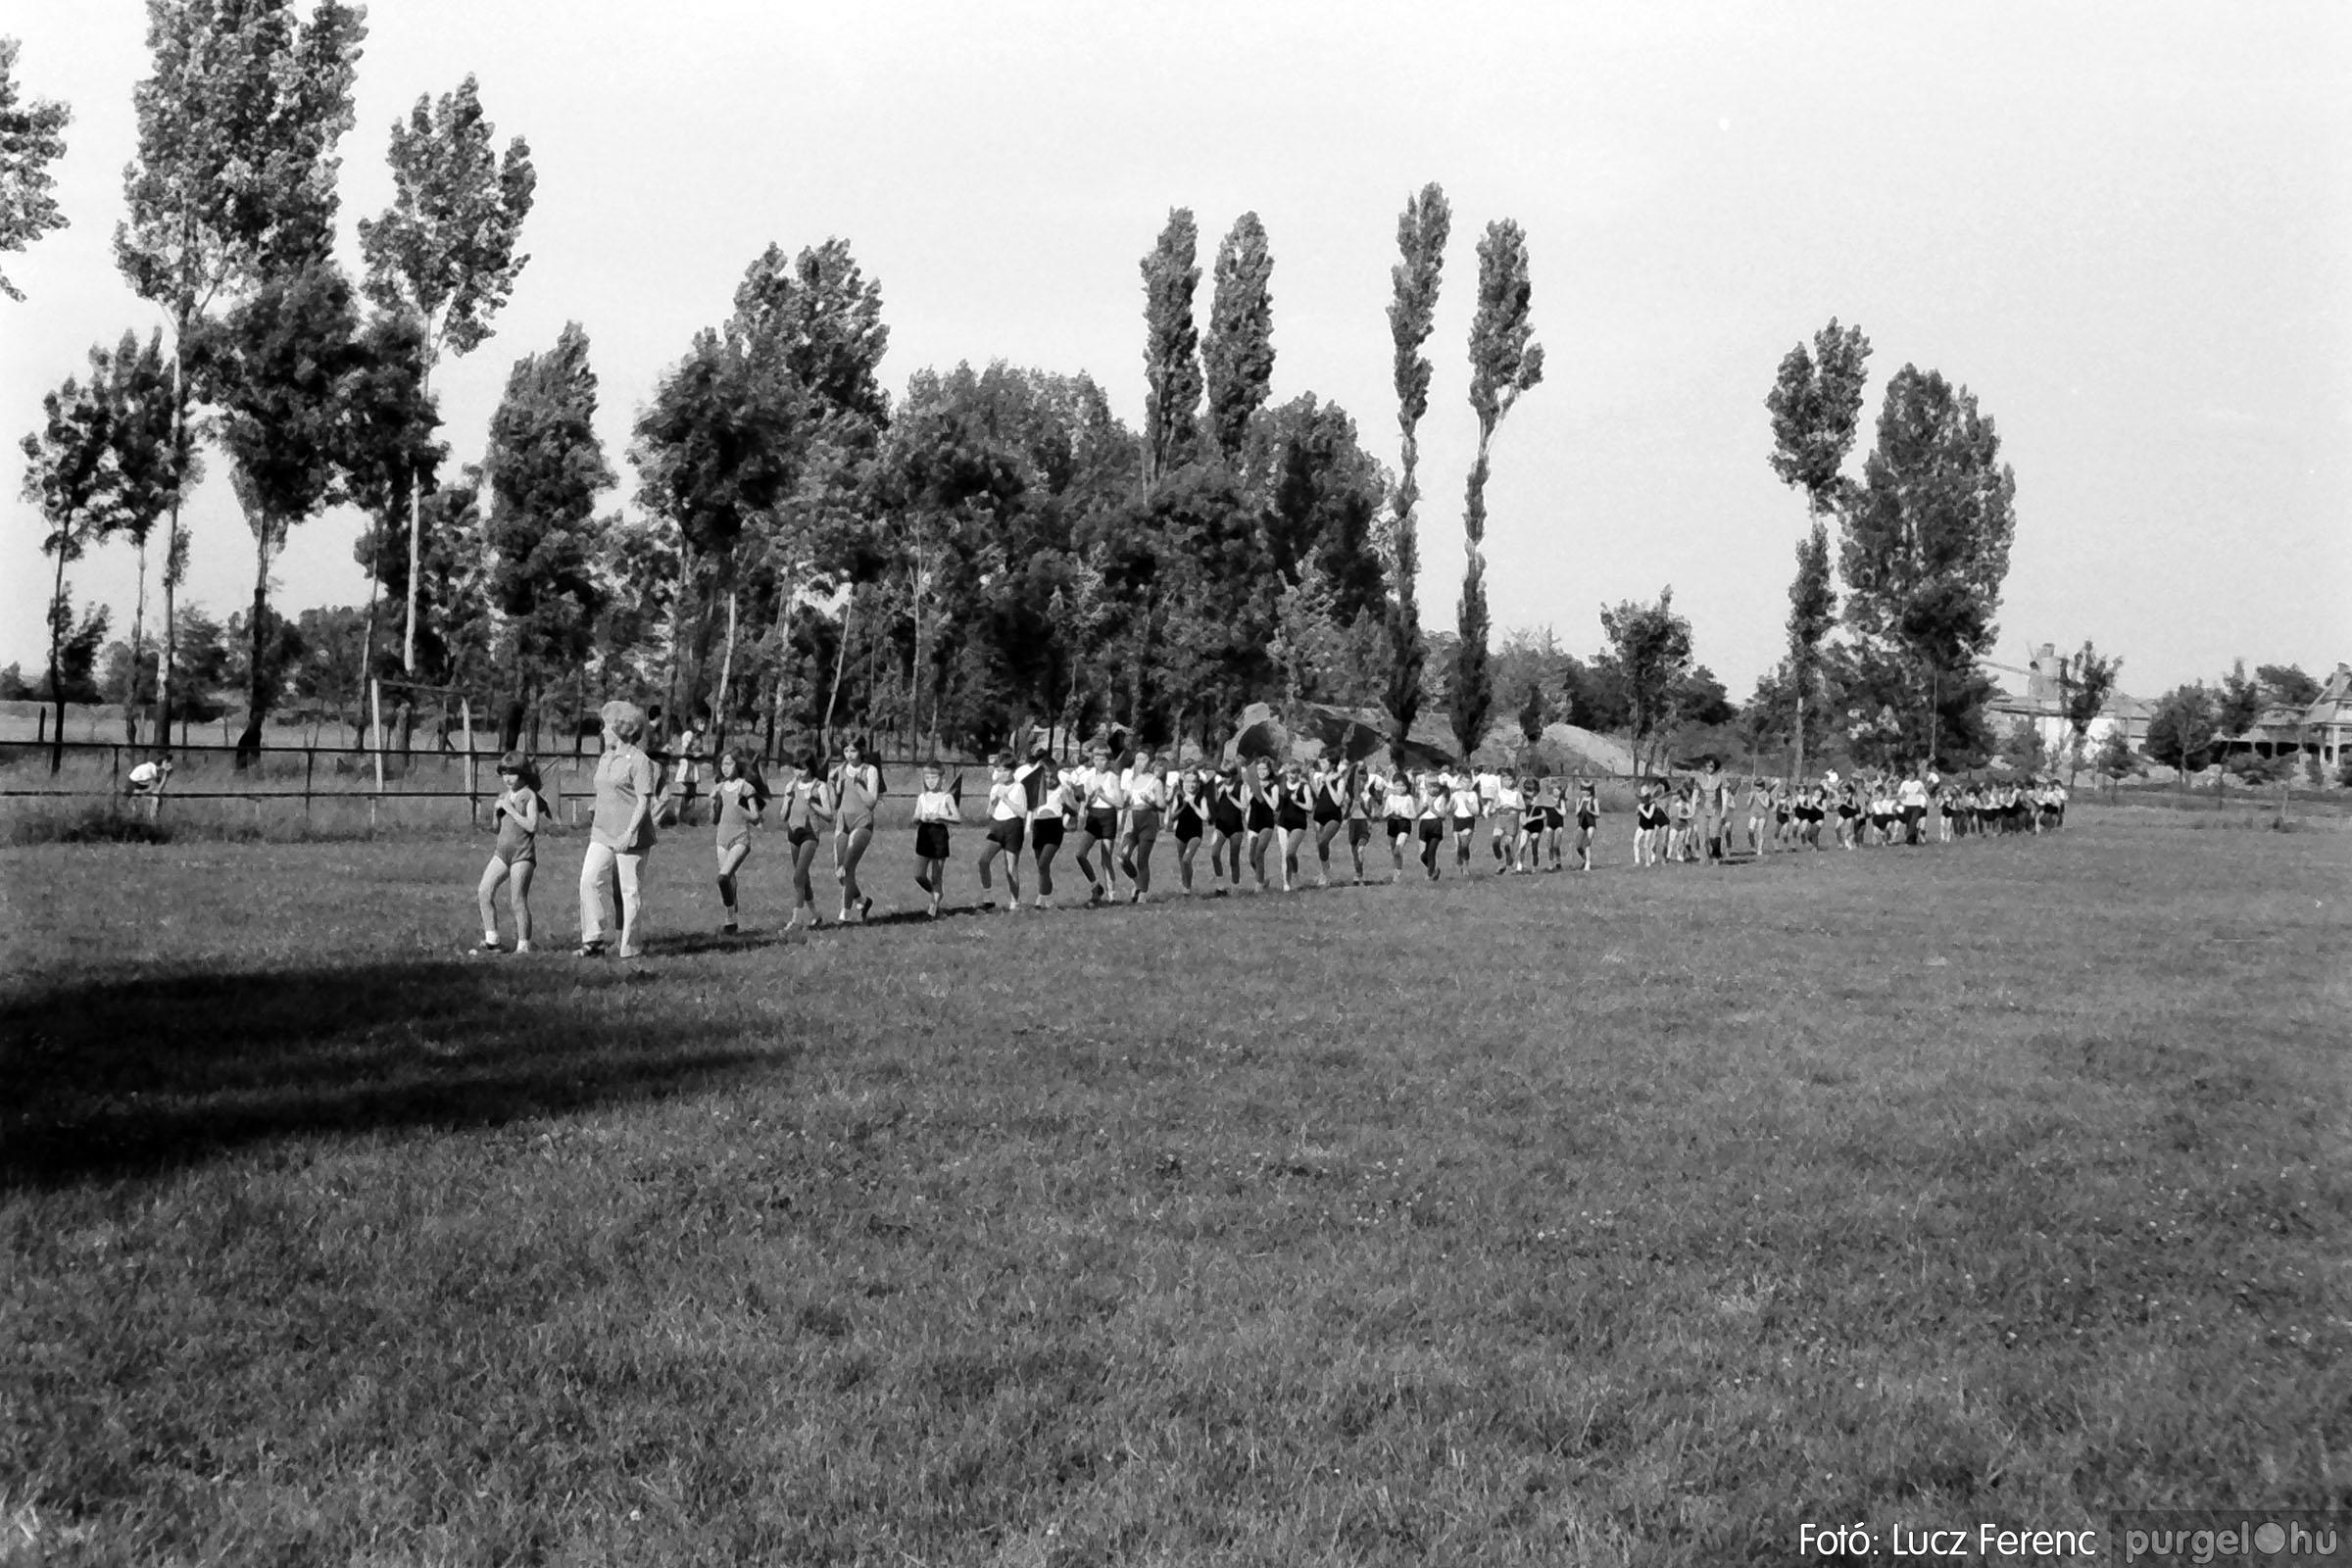 017 1975.04. Május elsejei tornabemutató főpróbája a sportpályán 028 - Fotó: Lucz Ferenc IMG00029q.jpg